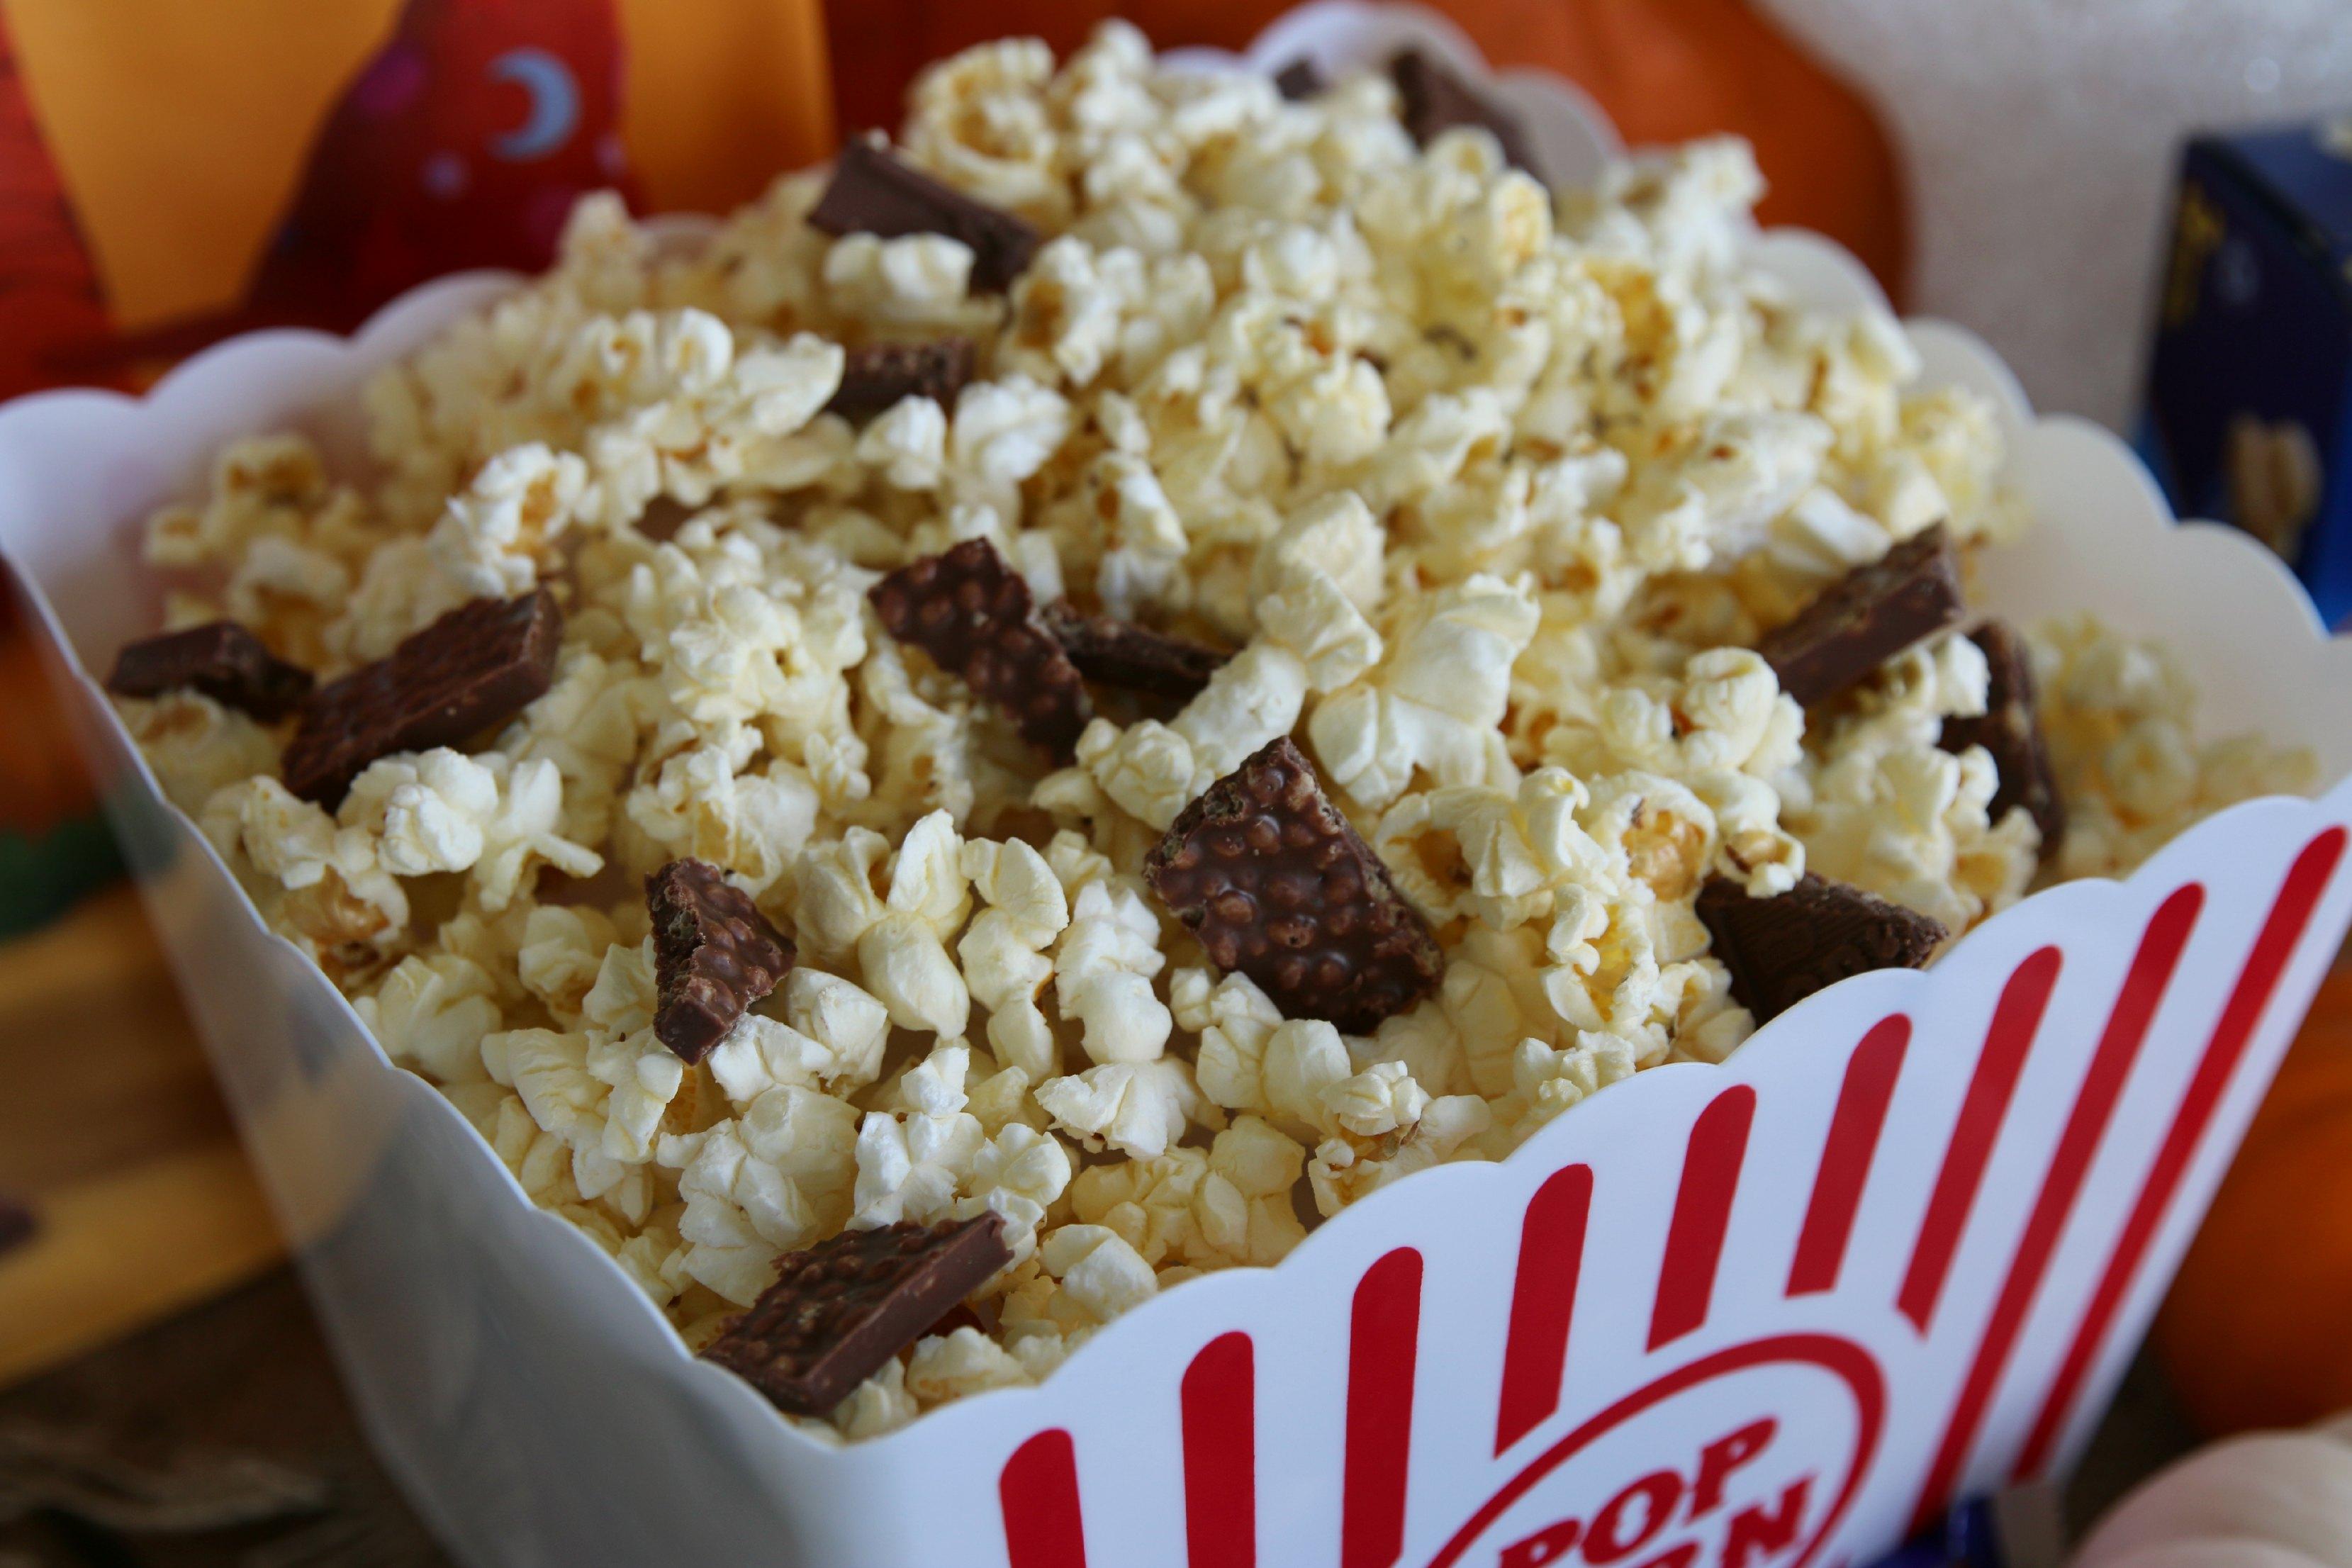 charlie brown movie